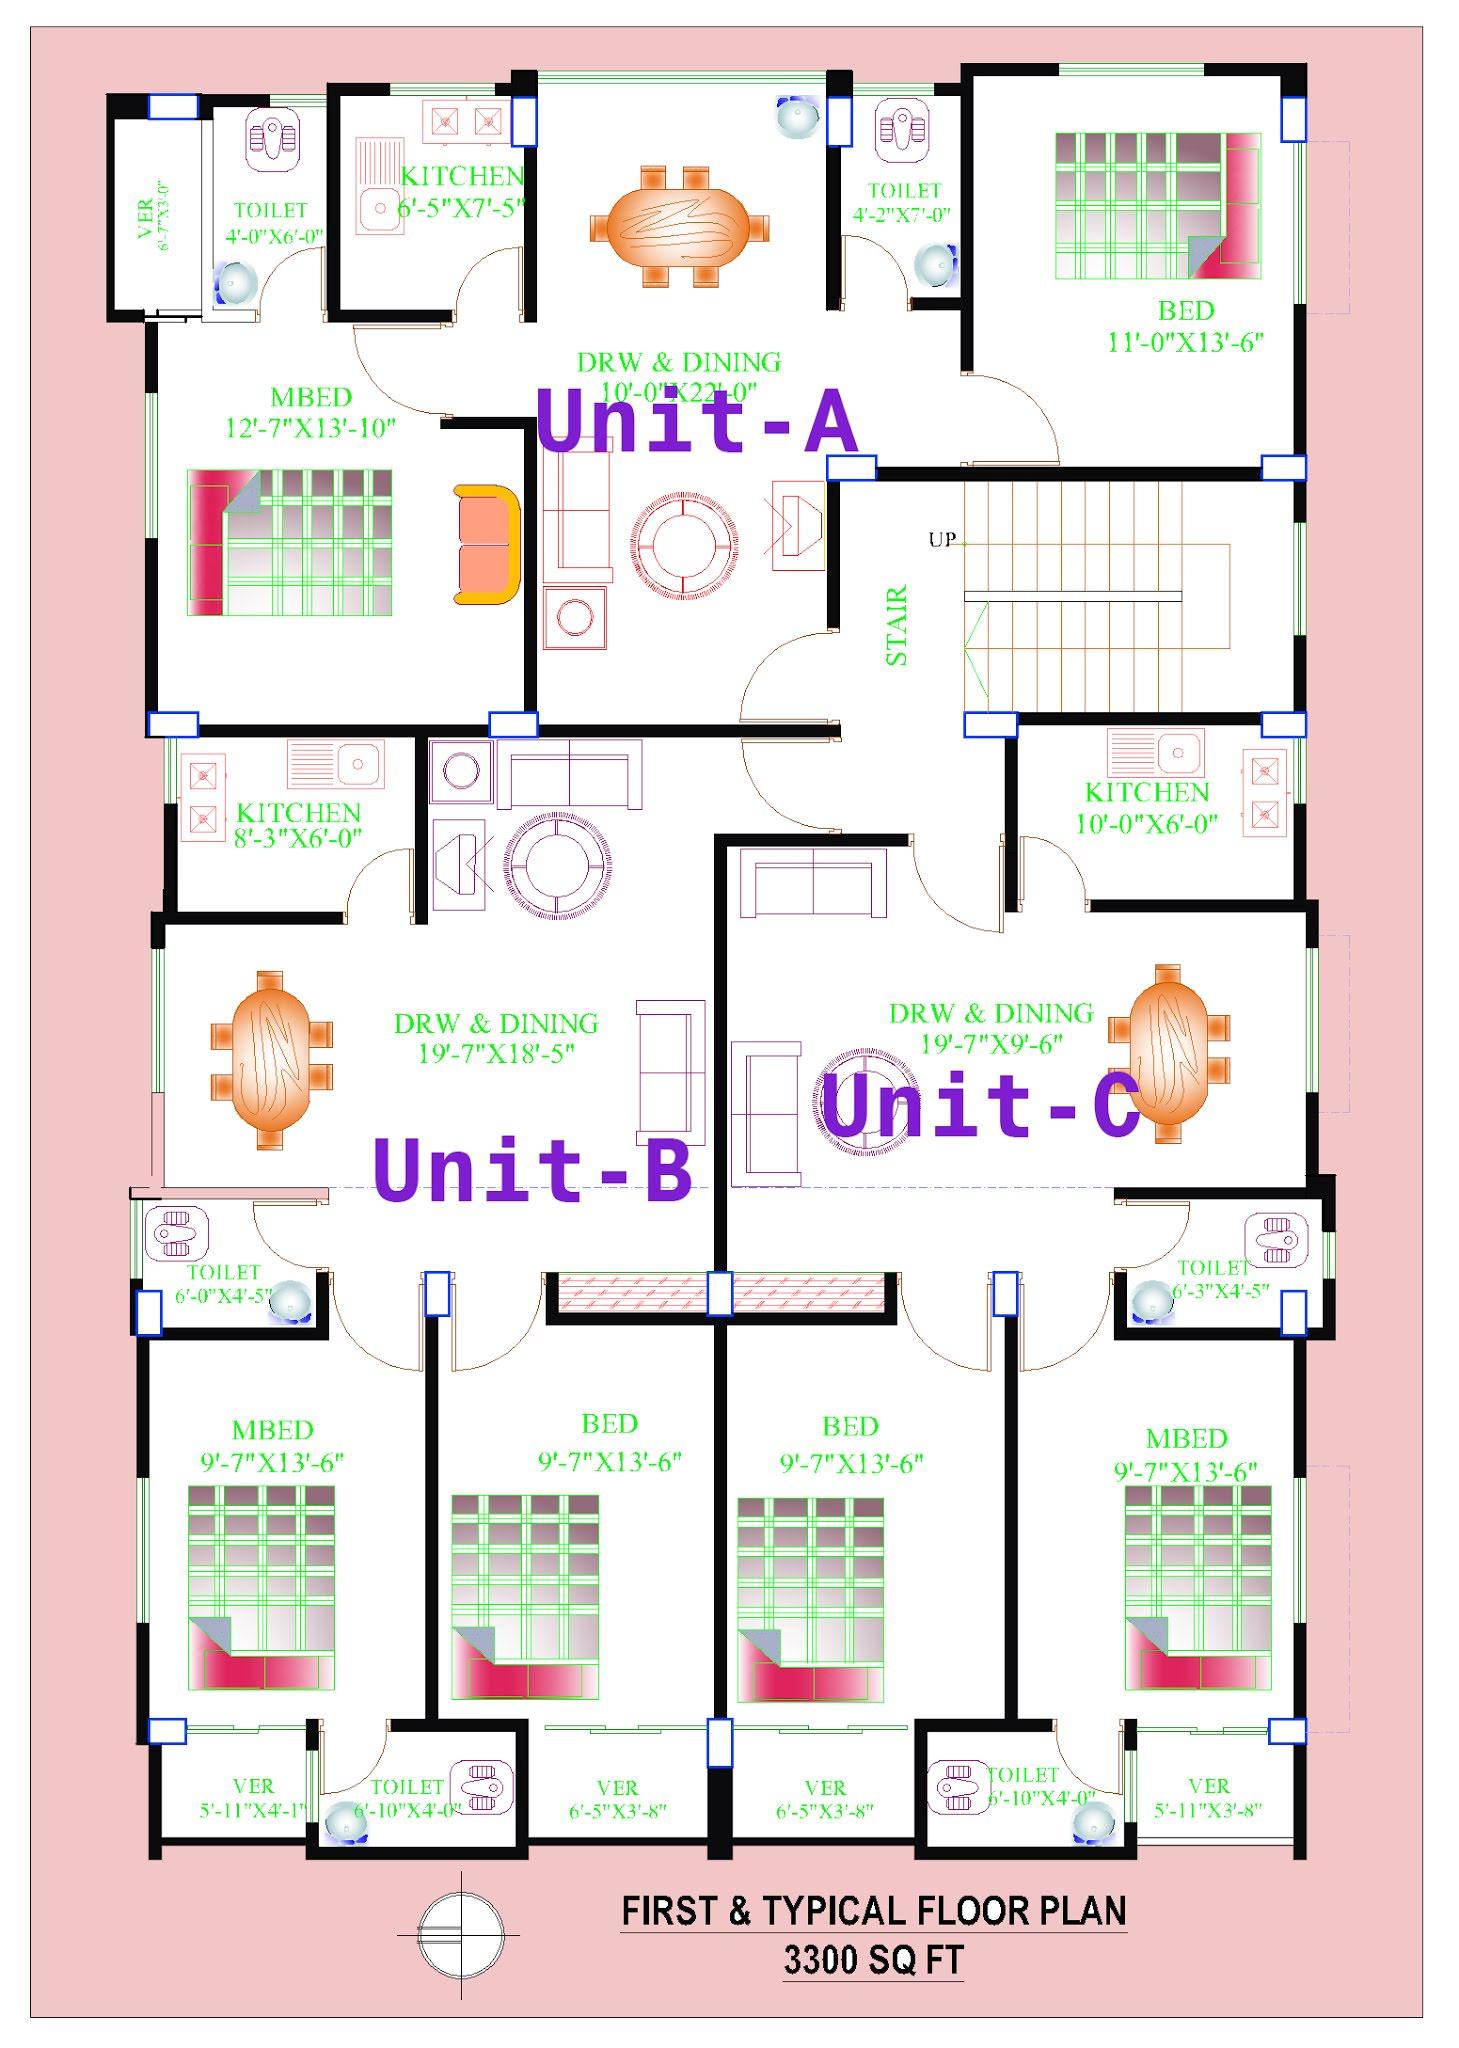 3300 sq ft floor plan